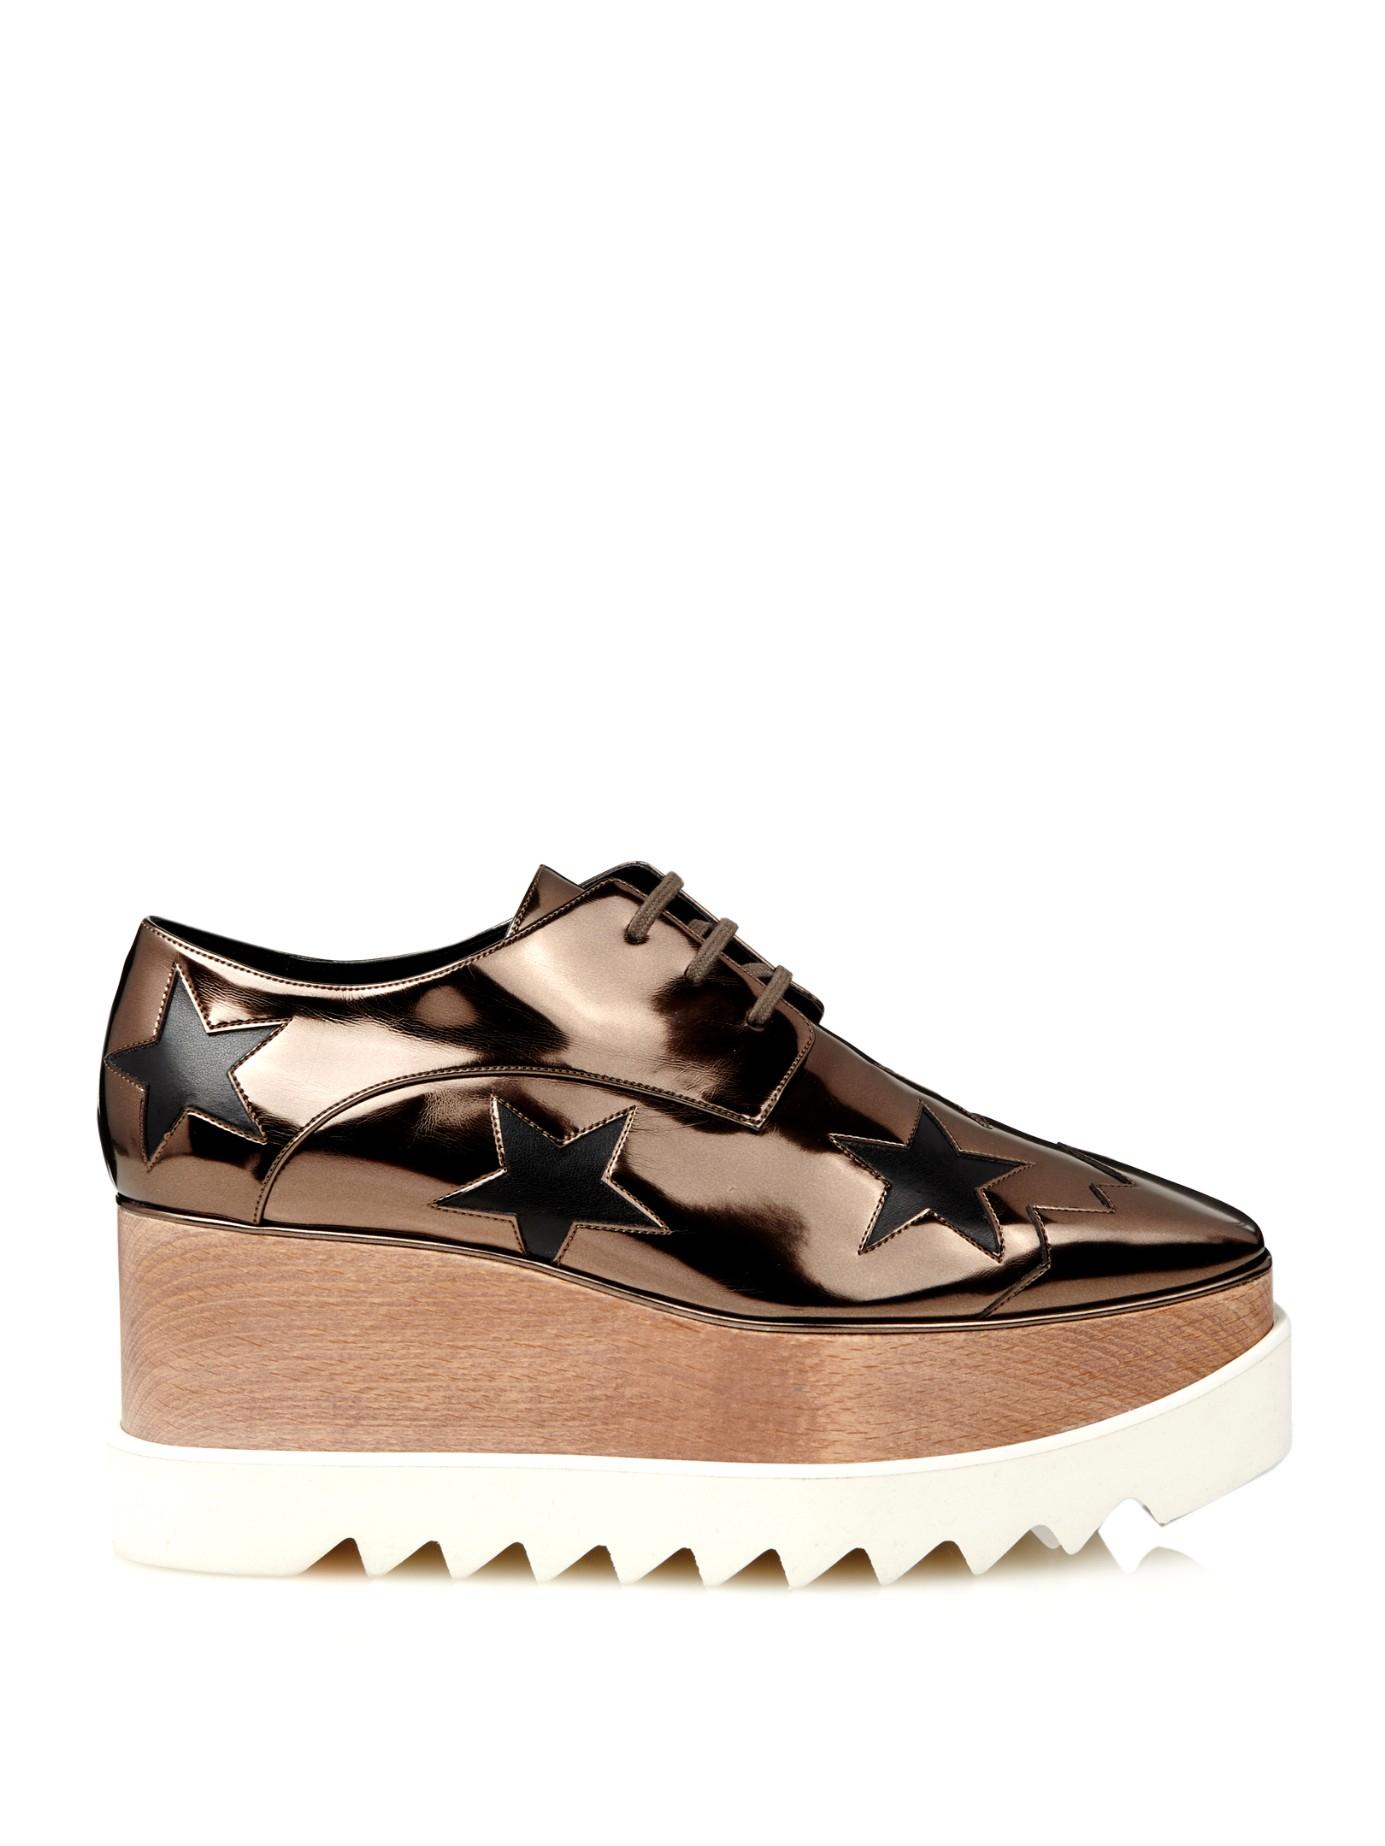 Stella mccartney Elyse Metallic Lace-Up Platform Shoes in Metallic ...